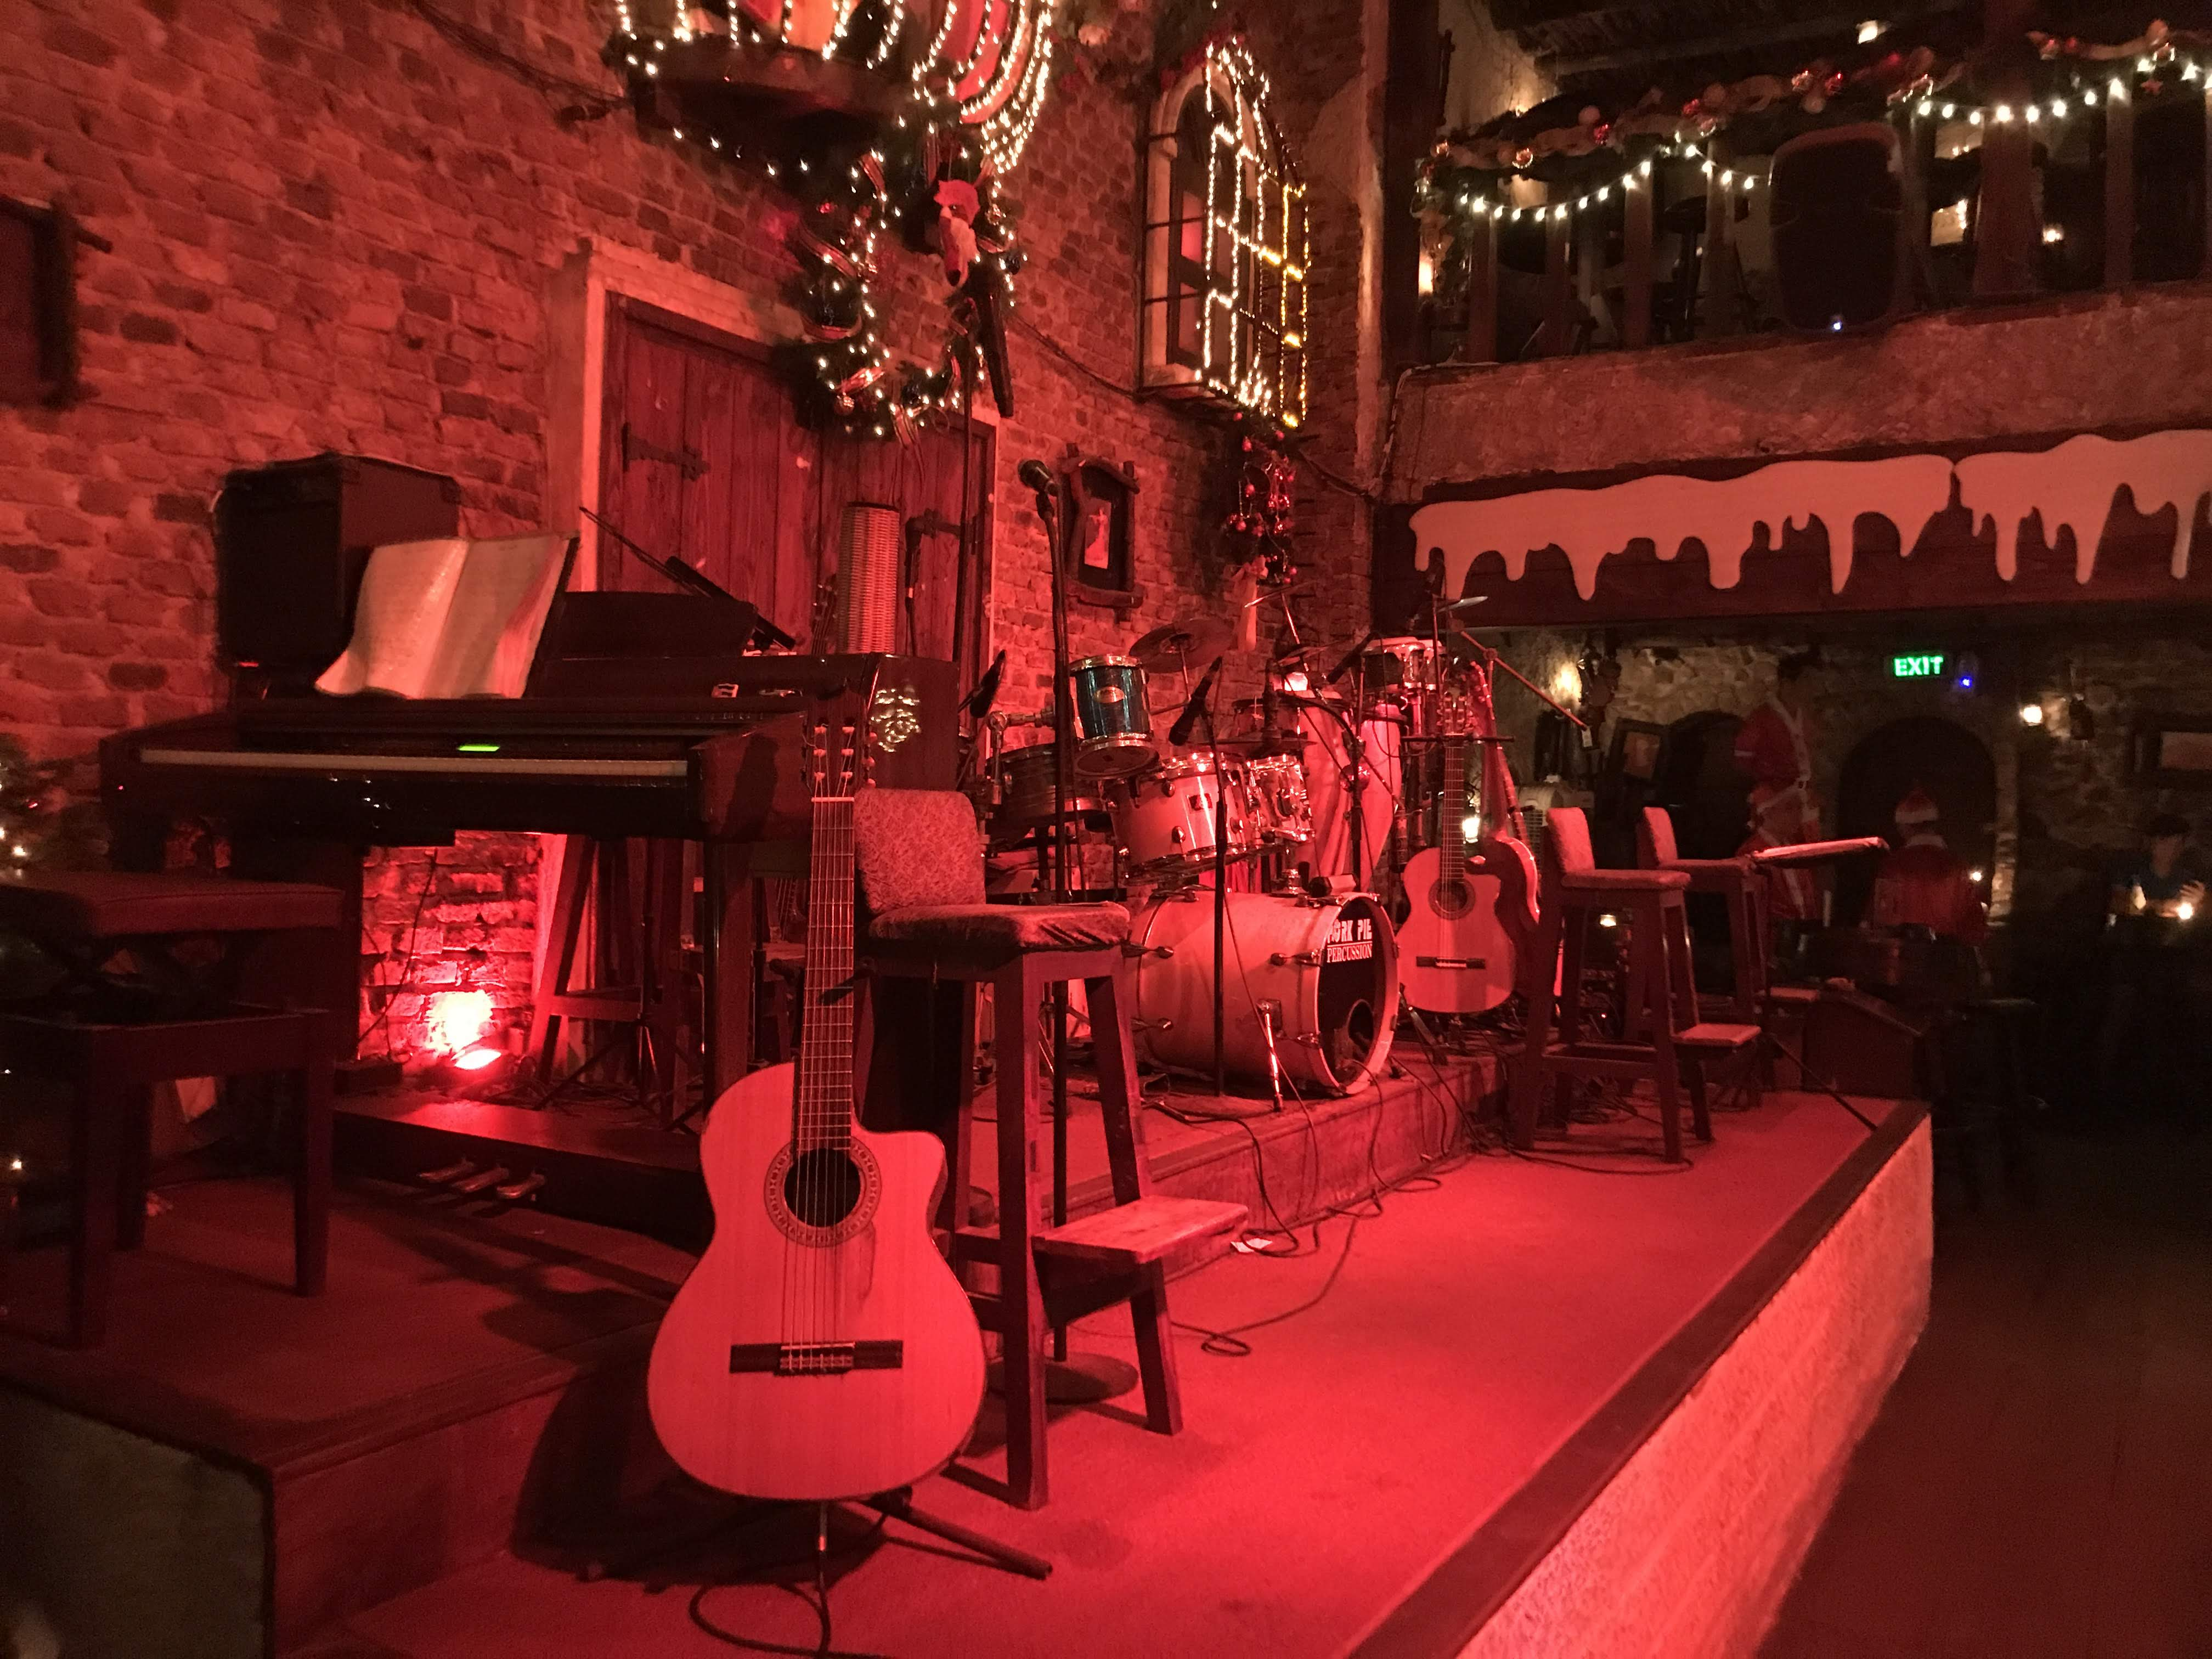 今夜、レタントン近くのバー【Carmen Bar】ではミュージックライブが開催!!